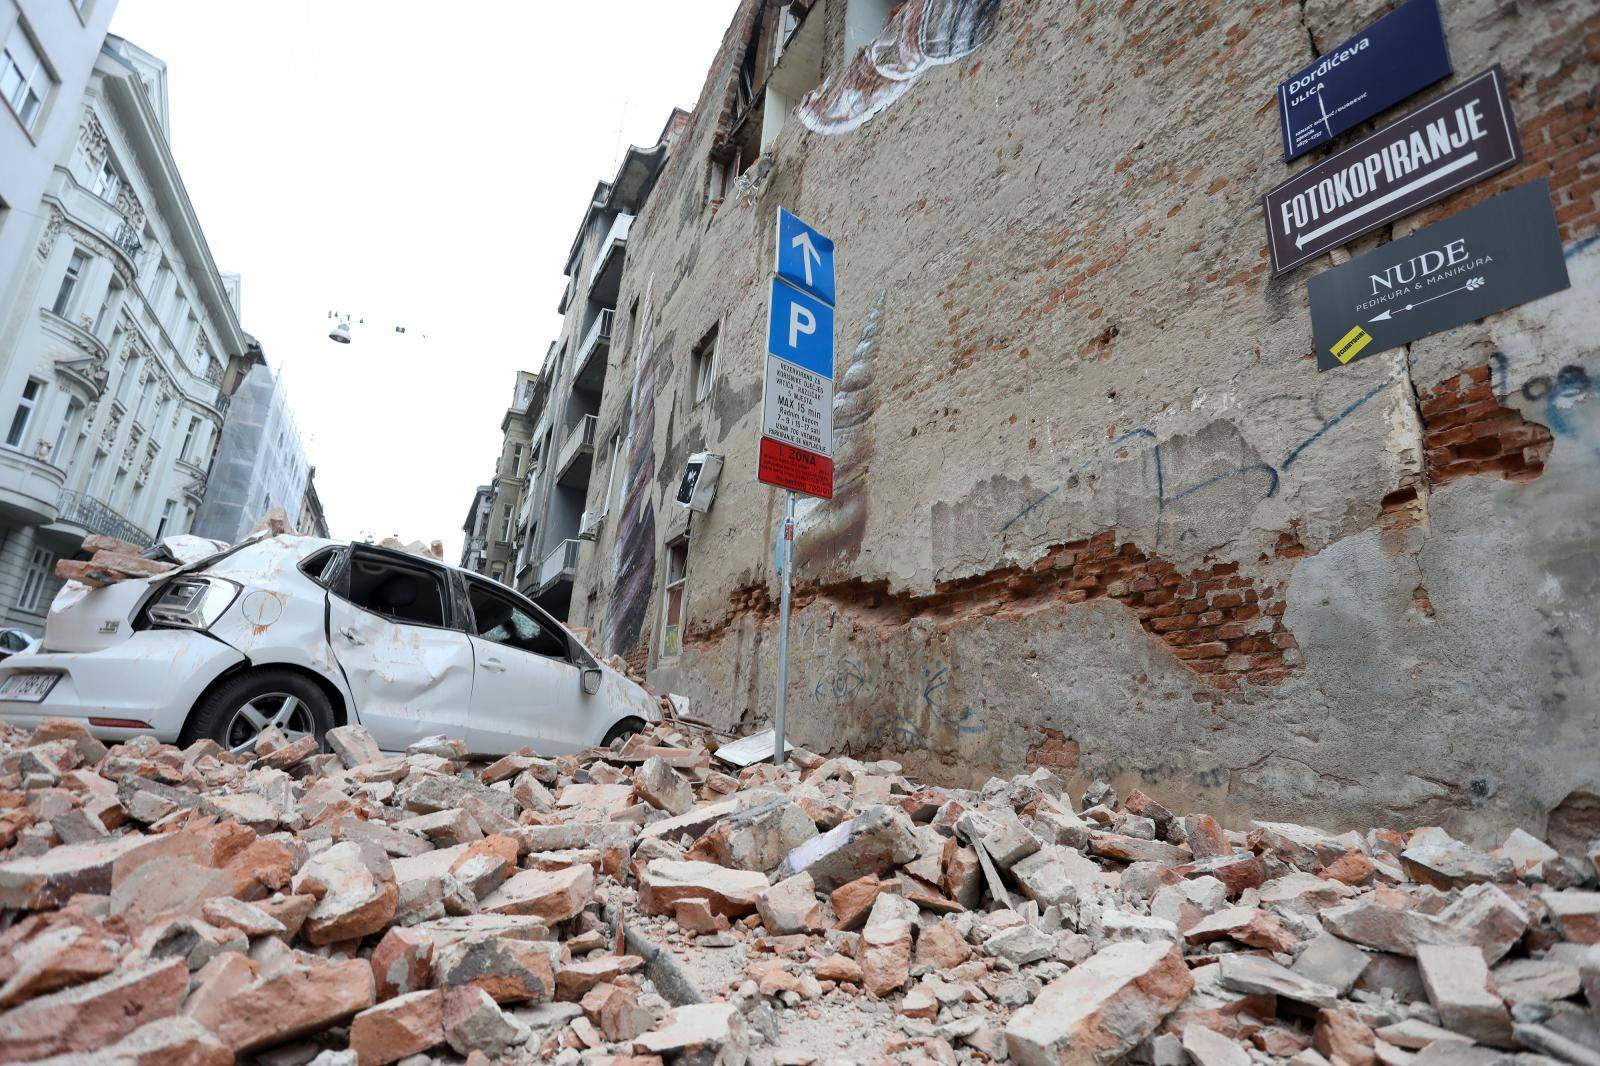 Objavljen  prvi znanstveni rad o potresu u Zagrebu: Kako je to zapravo izgledalo ispod zemlje